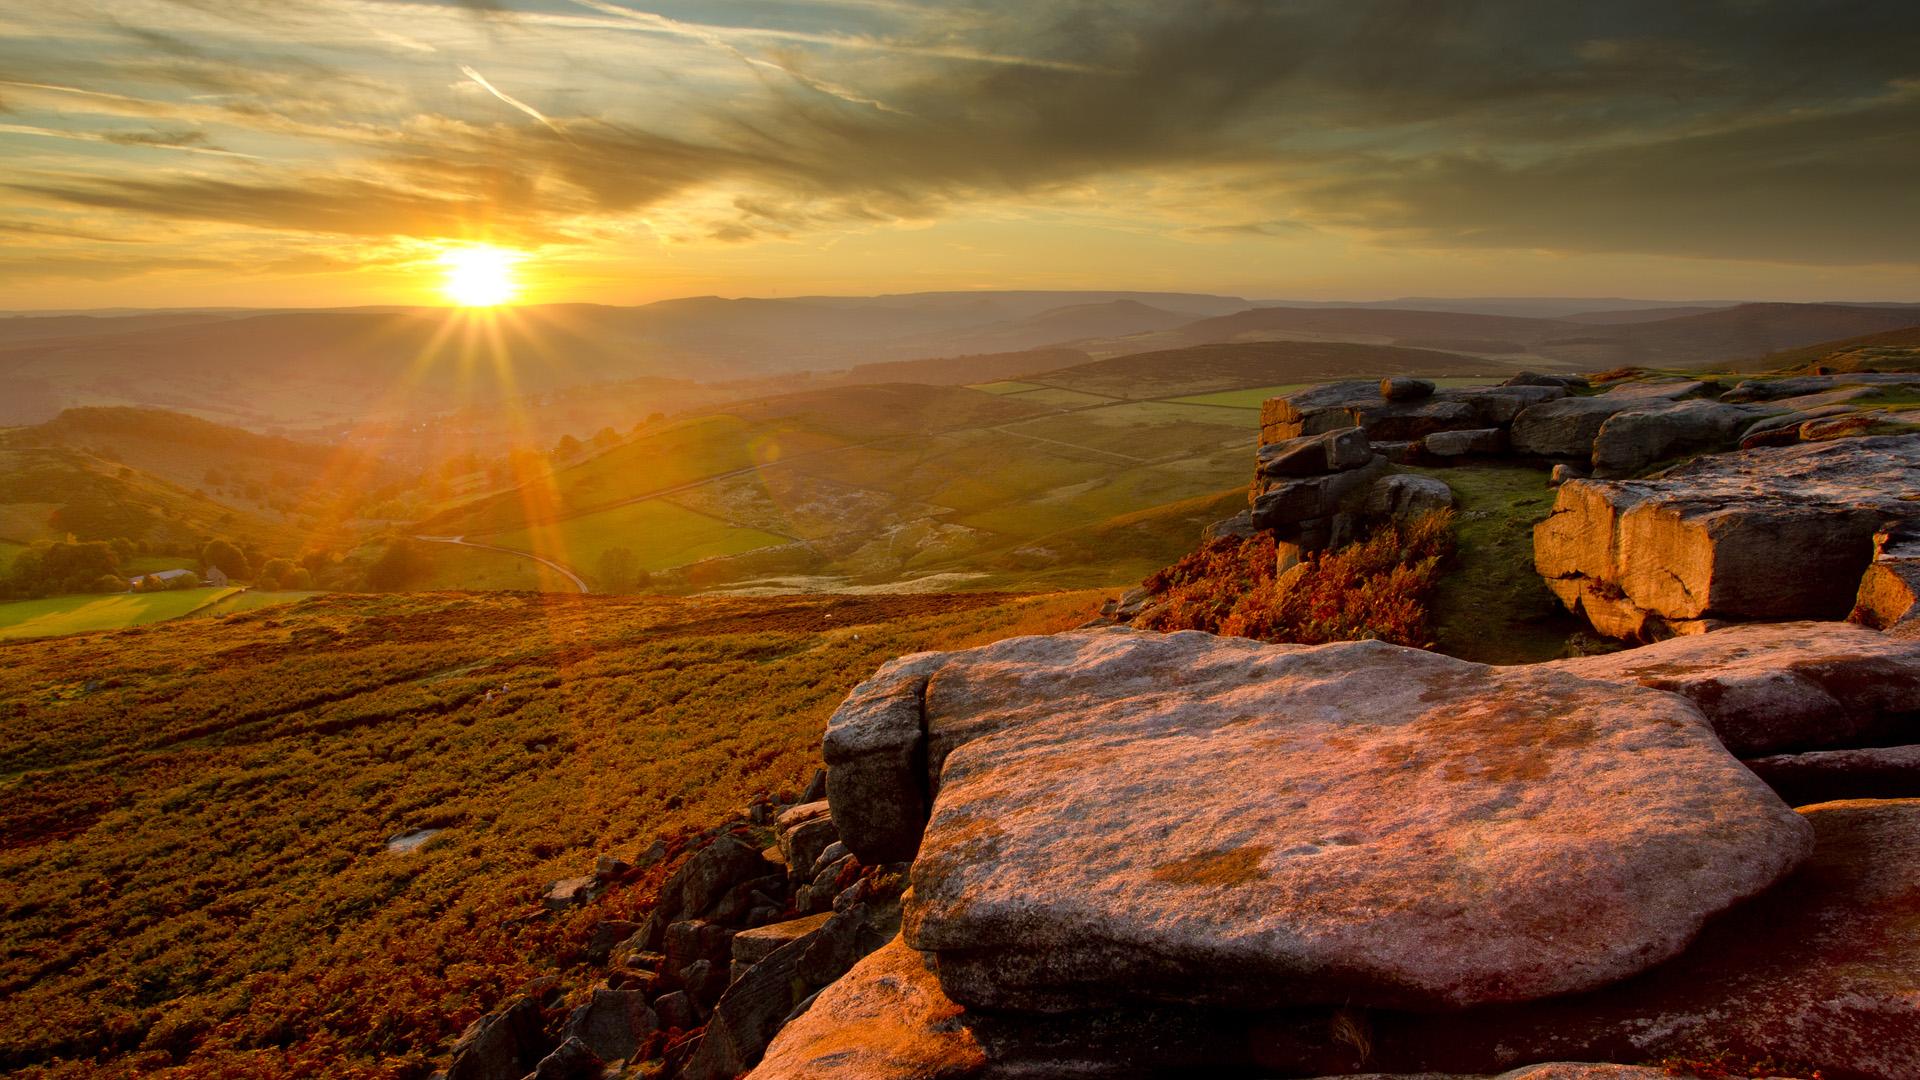 amazing landscape wallpapers,sky,nature,natural landscape,rock,horizon